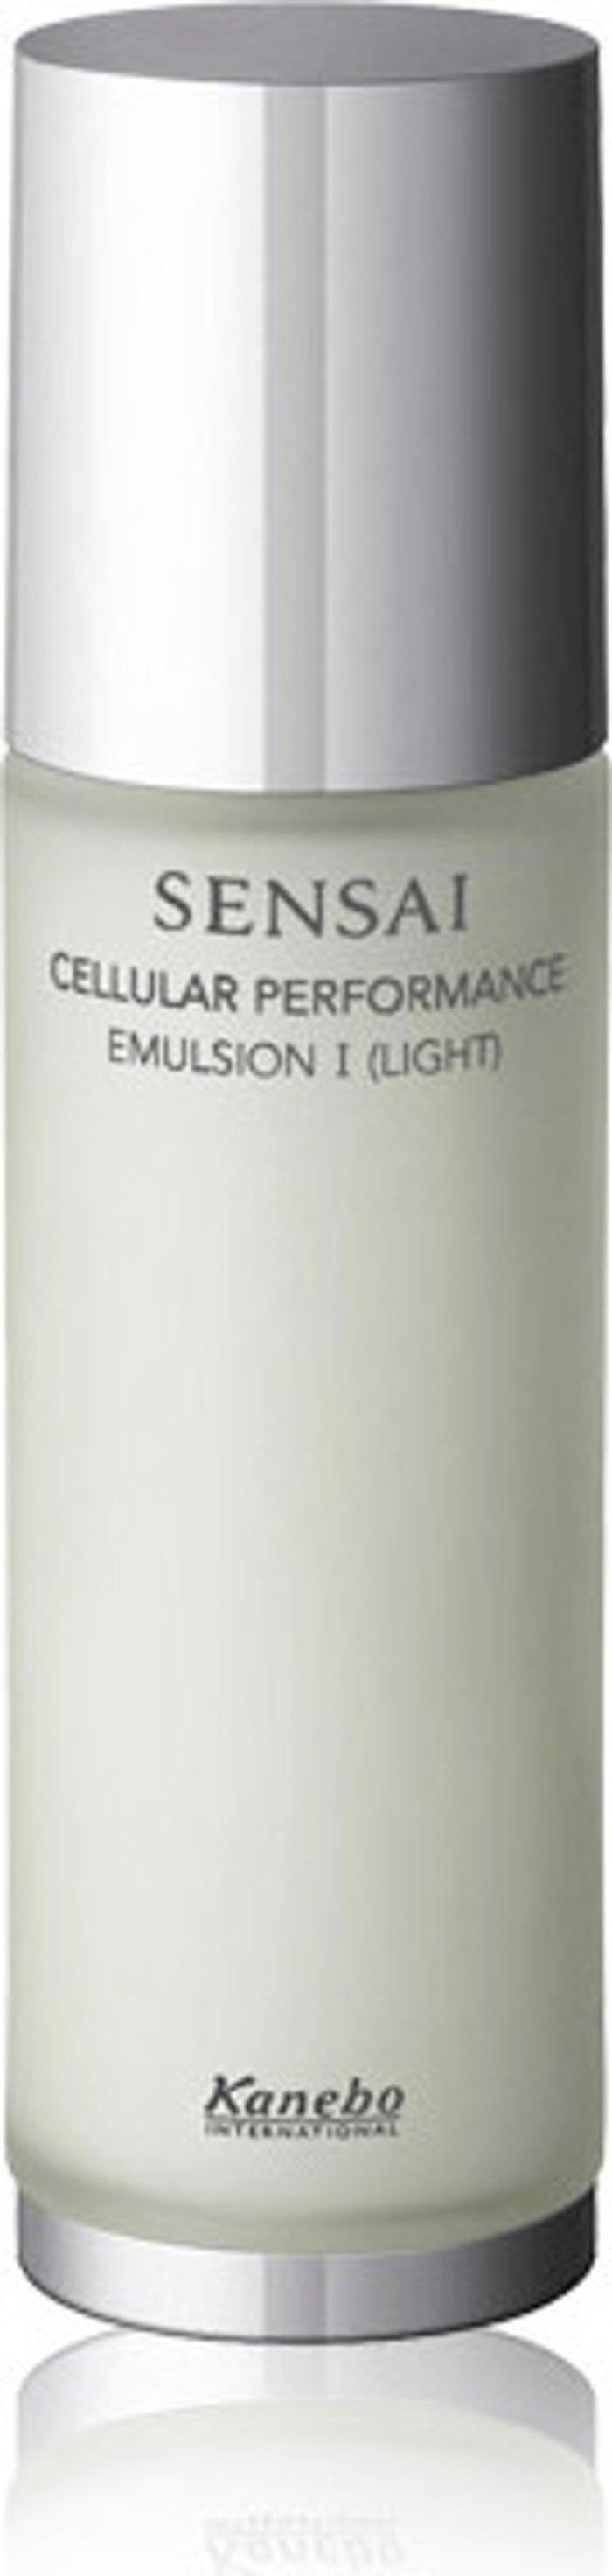 Kanebo Kanebo Sensai Cellular Emulsion I (Light) (100ml)